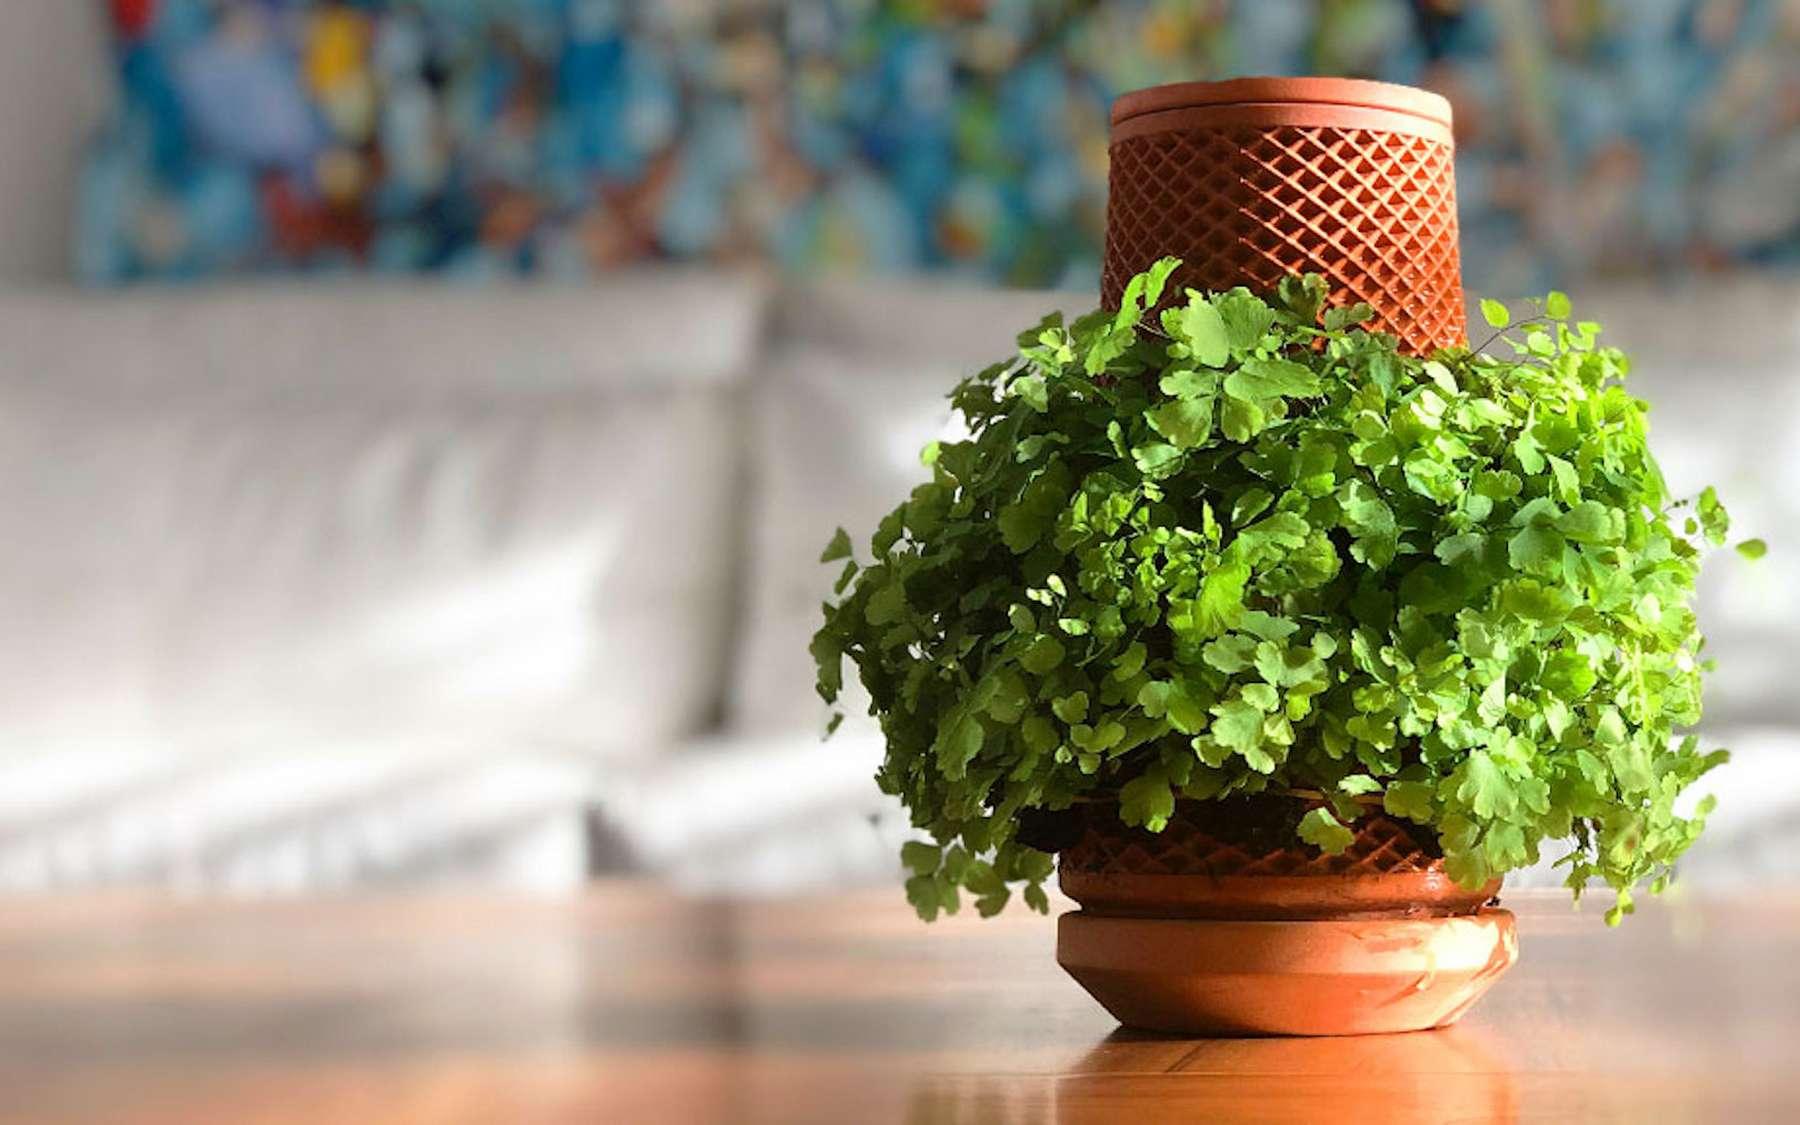 Le pot Terraplanter, fabriqué en structure micro poreuse, est adapté à la culture hydroponique de nombreuses plantes exotiques. © Terraplanter